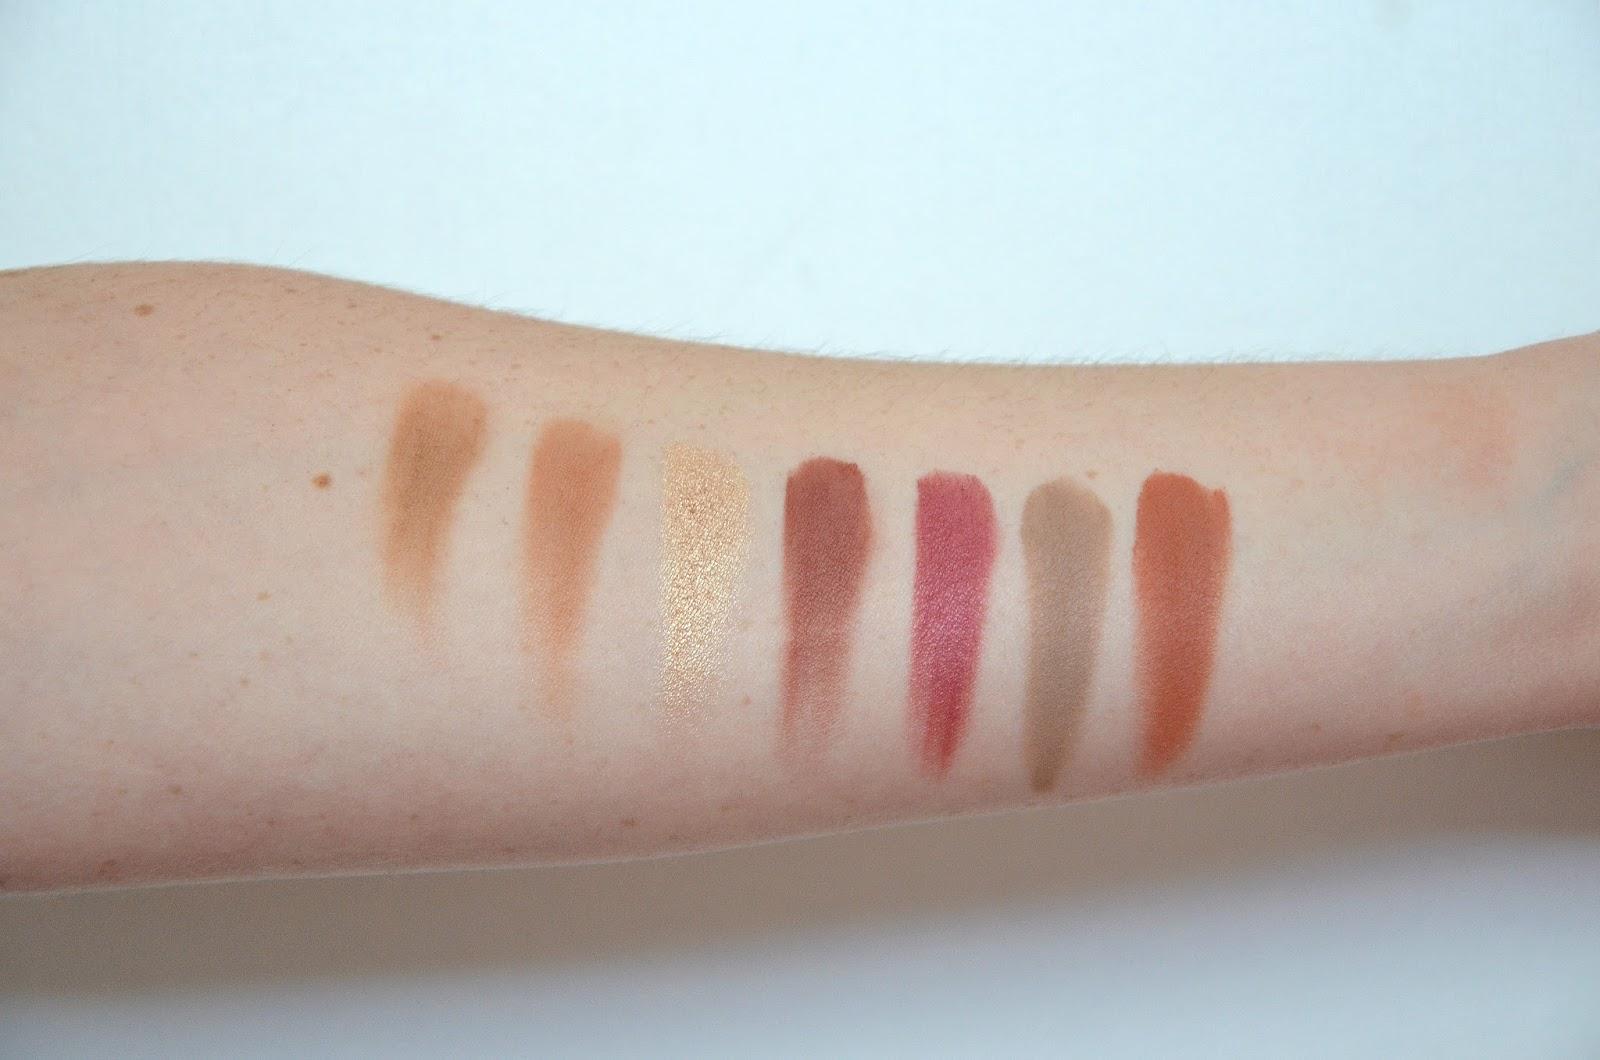 Anastasia Beverly Hills ABH modern renaissance eyeshadow palette swatch second line